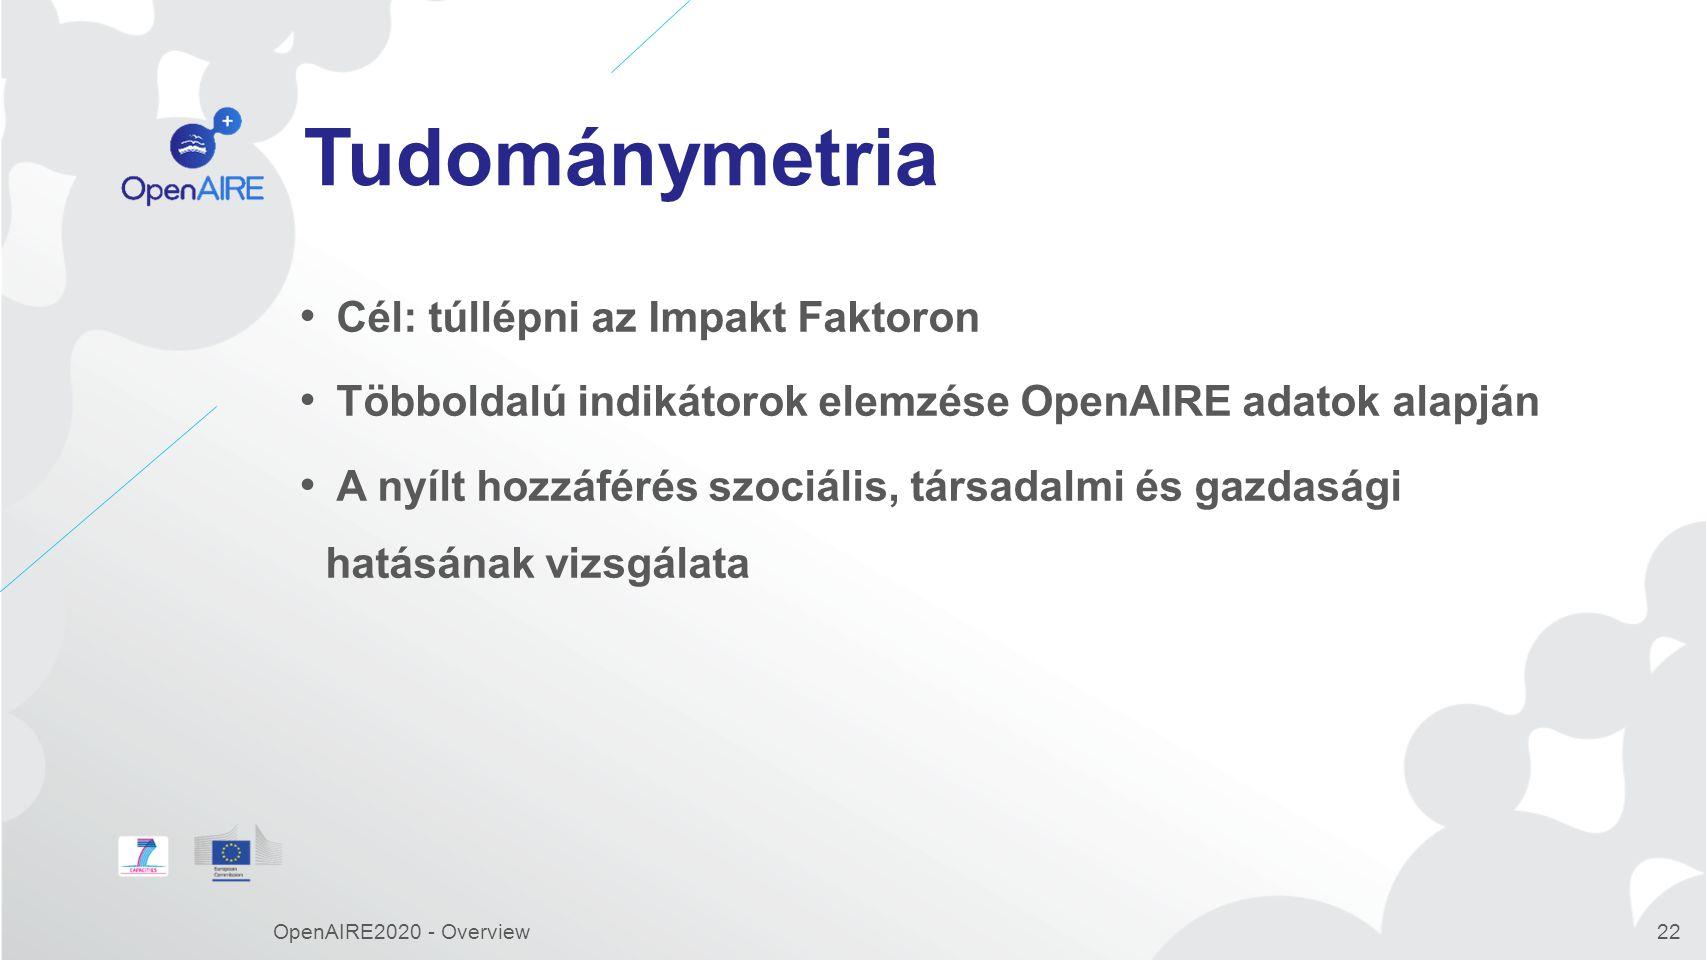 Tudománymetria Cél: túllépni az Impakt Faktoron Többoldalú indikátorok elemzése OpenAIRE adatok alapján A nyílt hozzáférés szociális, társadalmi és gazdasági hatásának vizsgálata OpenAIRE2020 - Overview22